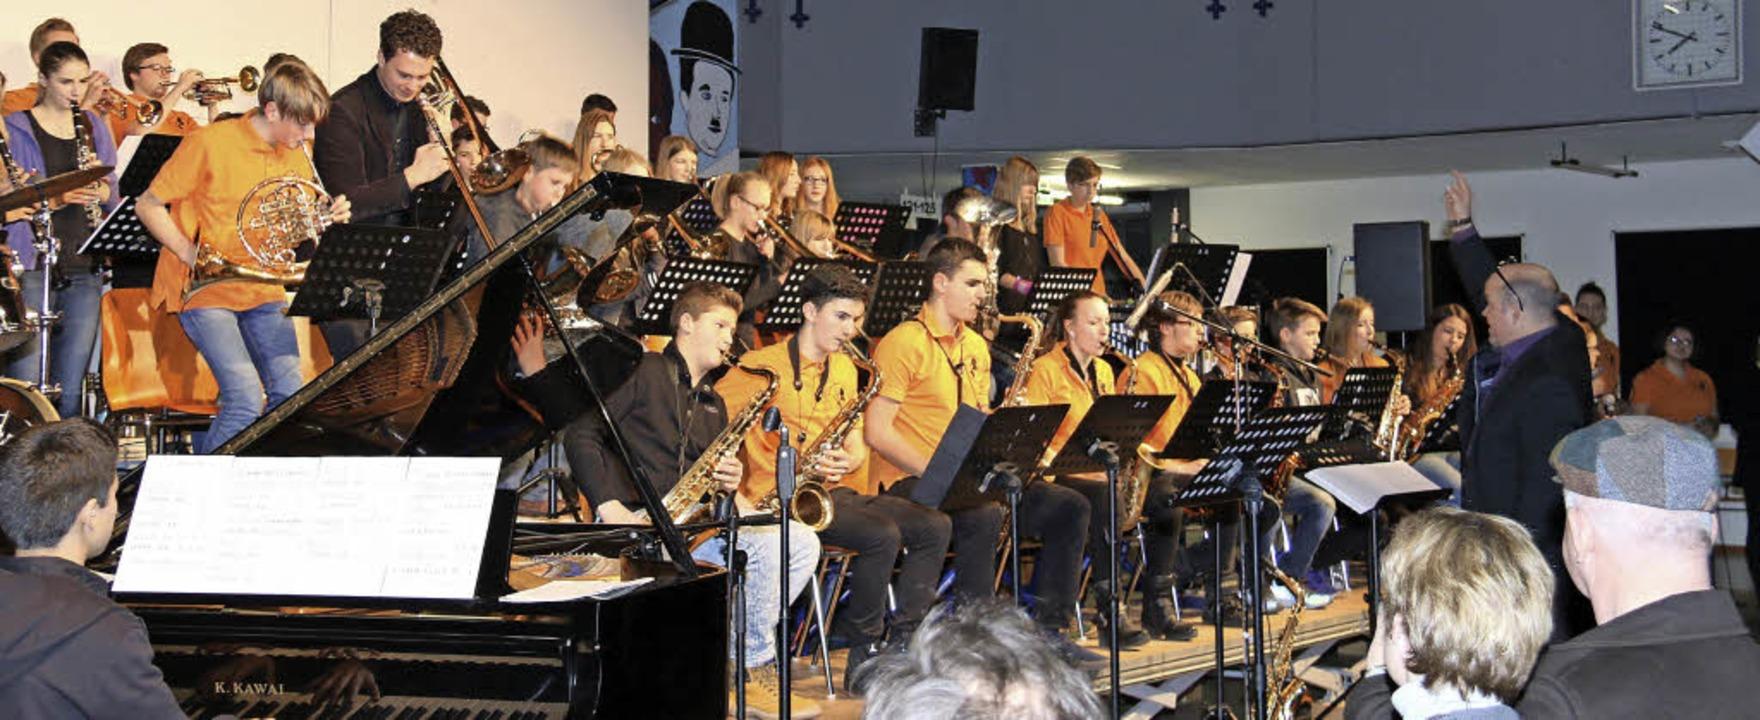 Veit Hübner  lässt jeden der jungen Musiker ein Solo spielen.     Foto: Dagmar Barber